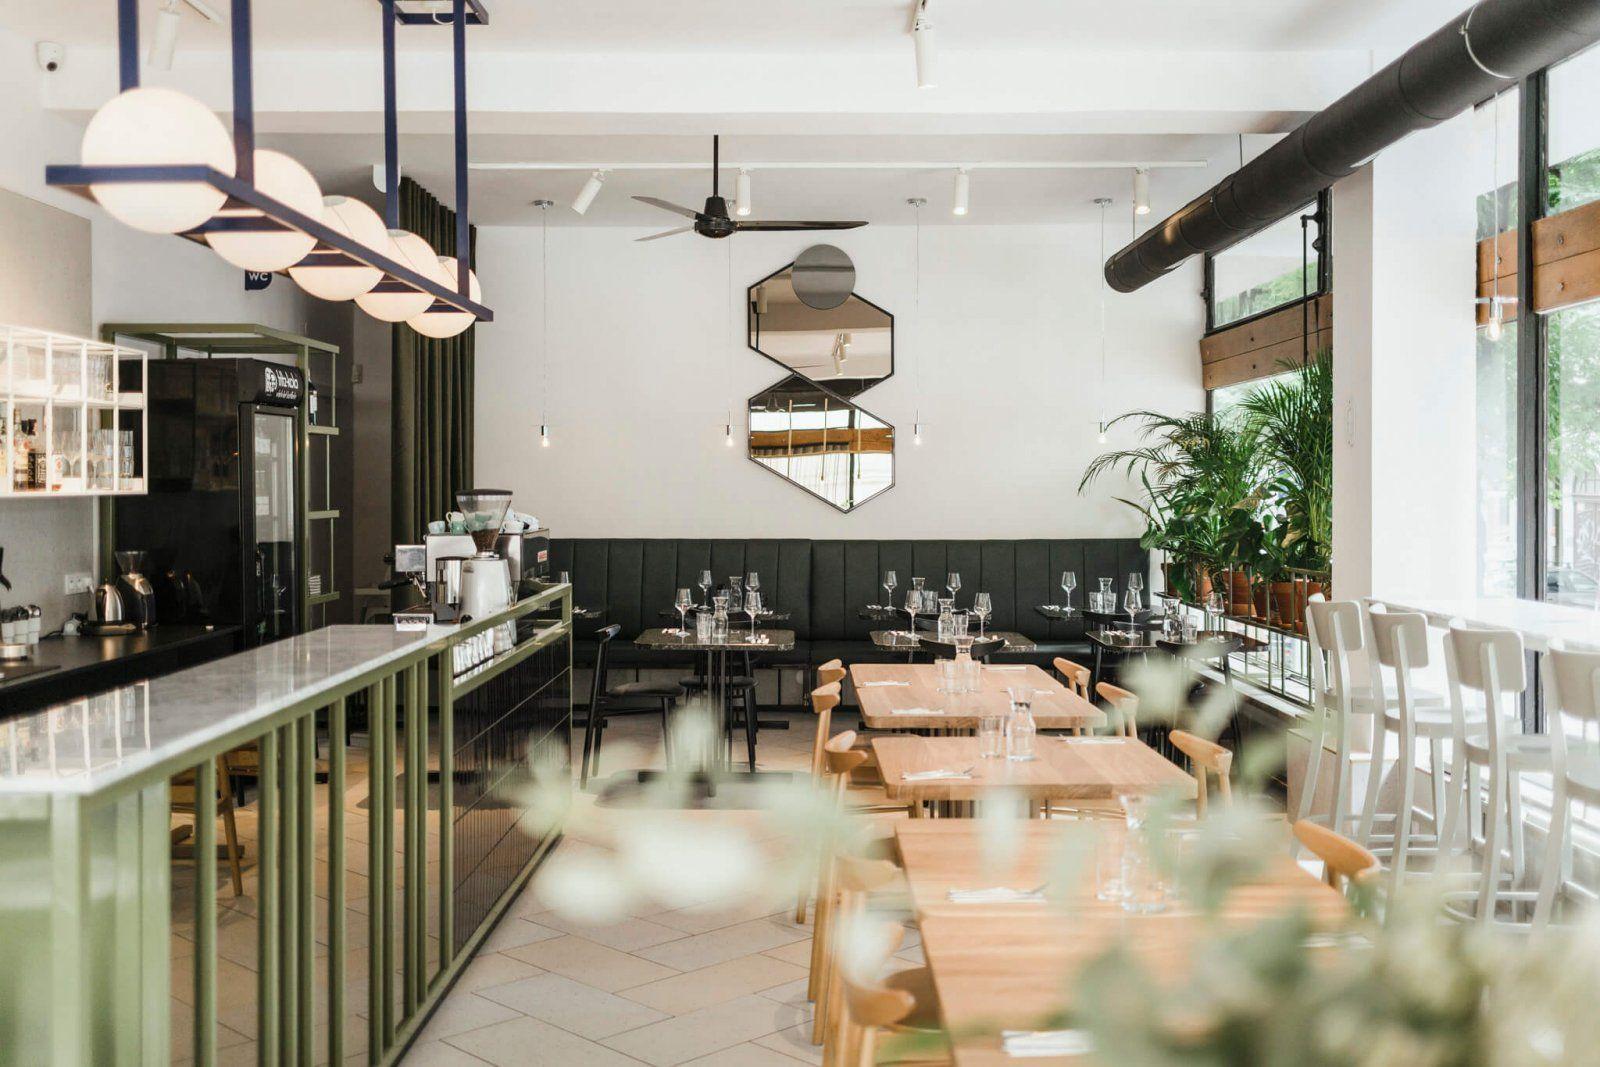 波兰YEZYCE KUCHNIA餐厅 wiercinski-studio